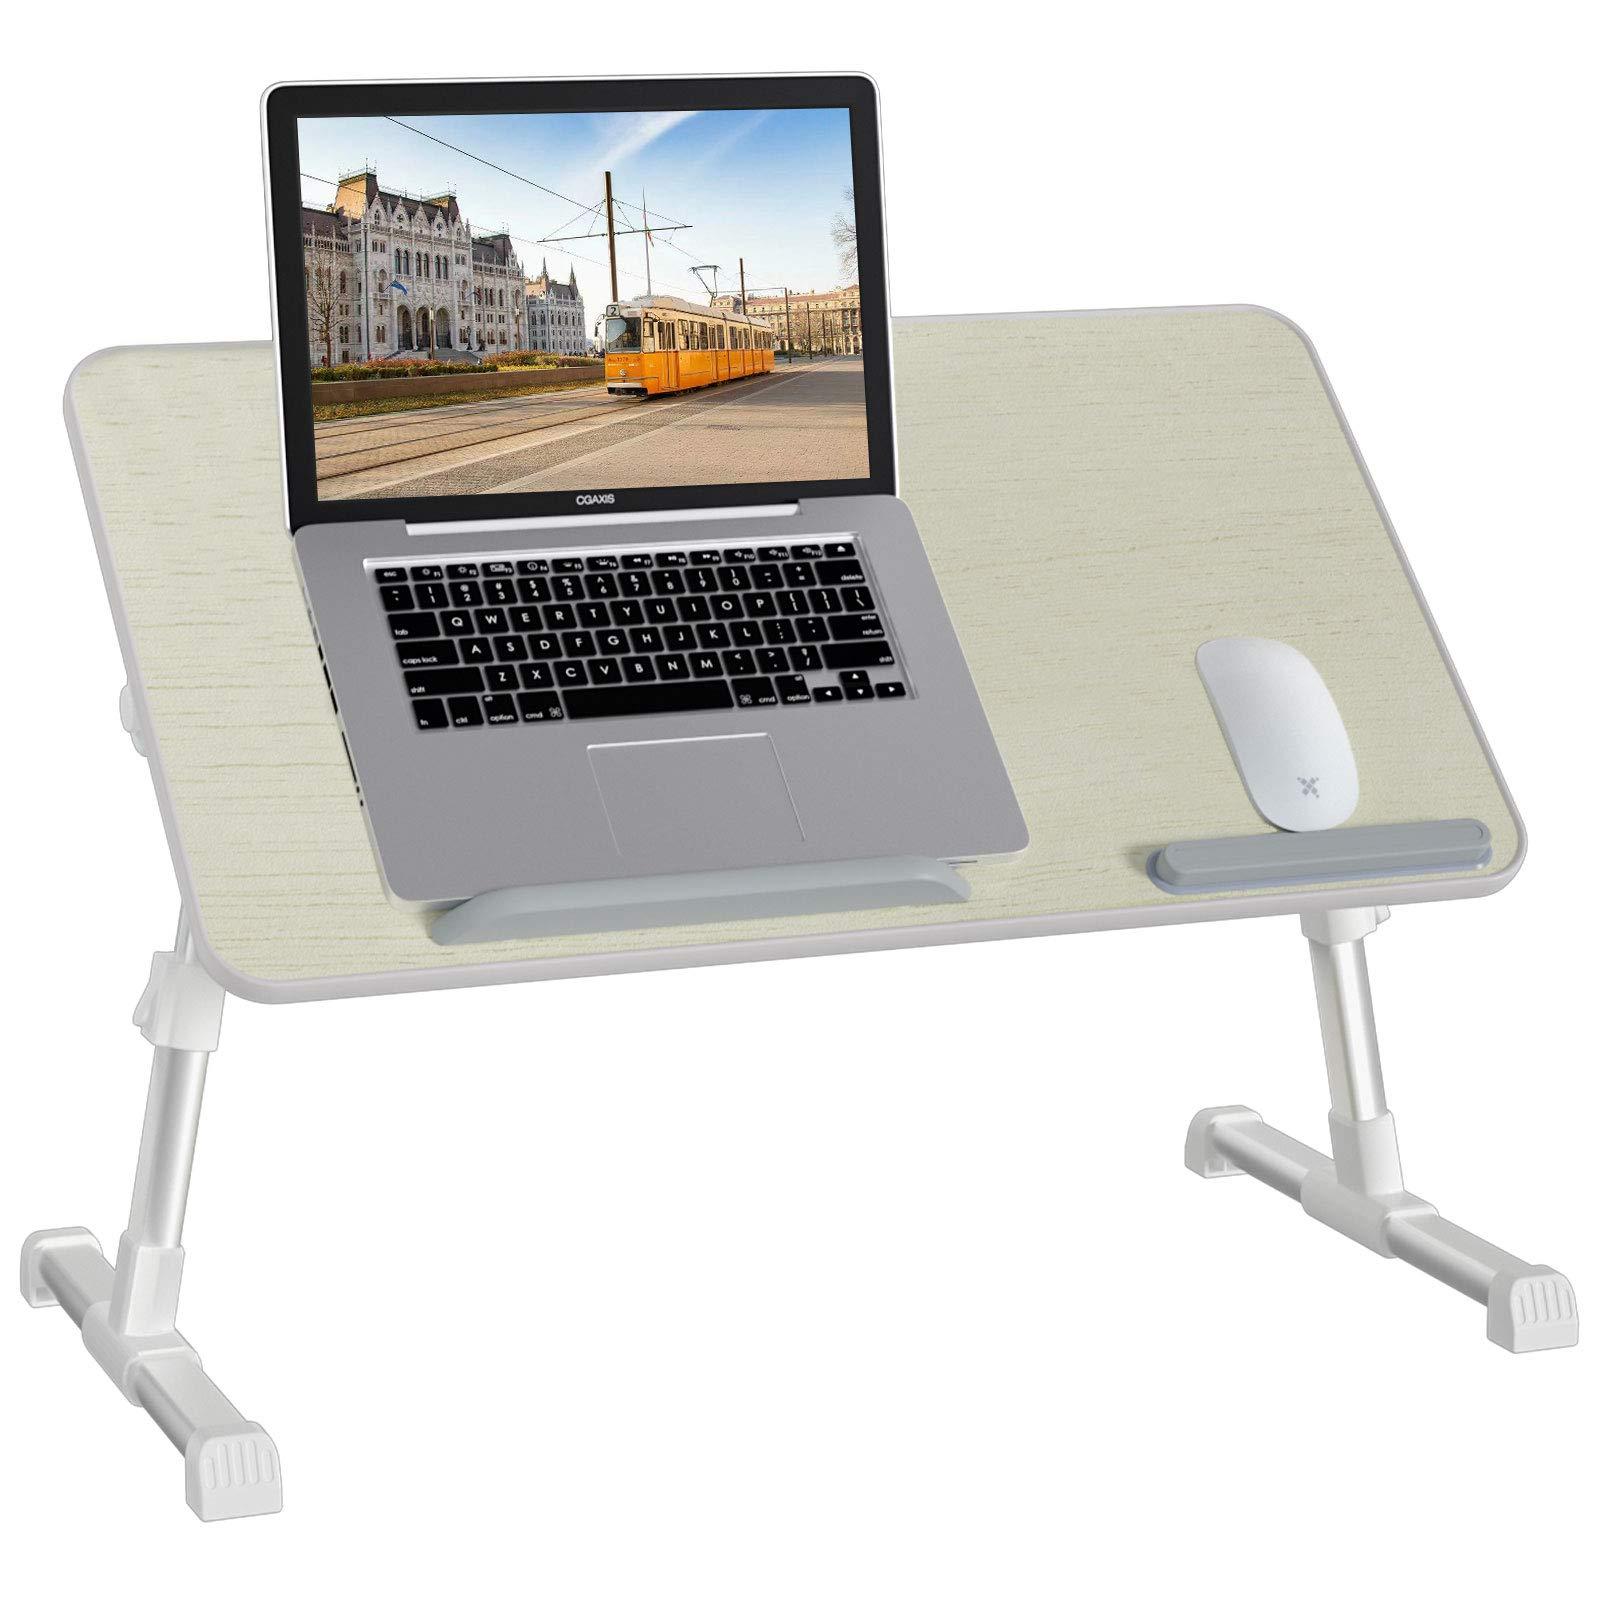 Mesa Plegable y Ajustable para Notebook - DERIMIZZ - 8PYZRWJ